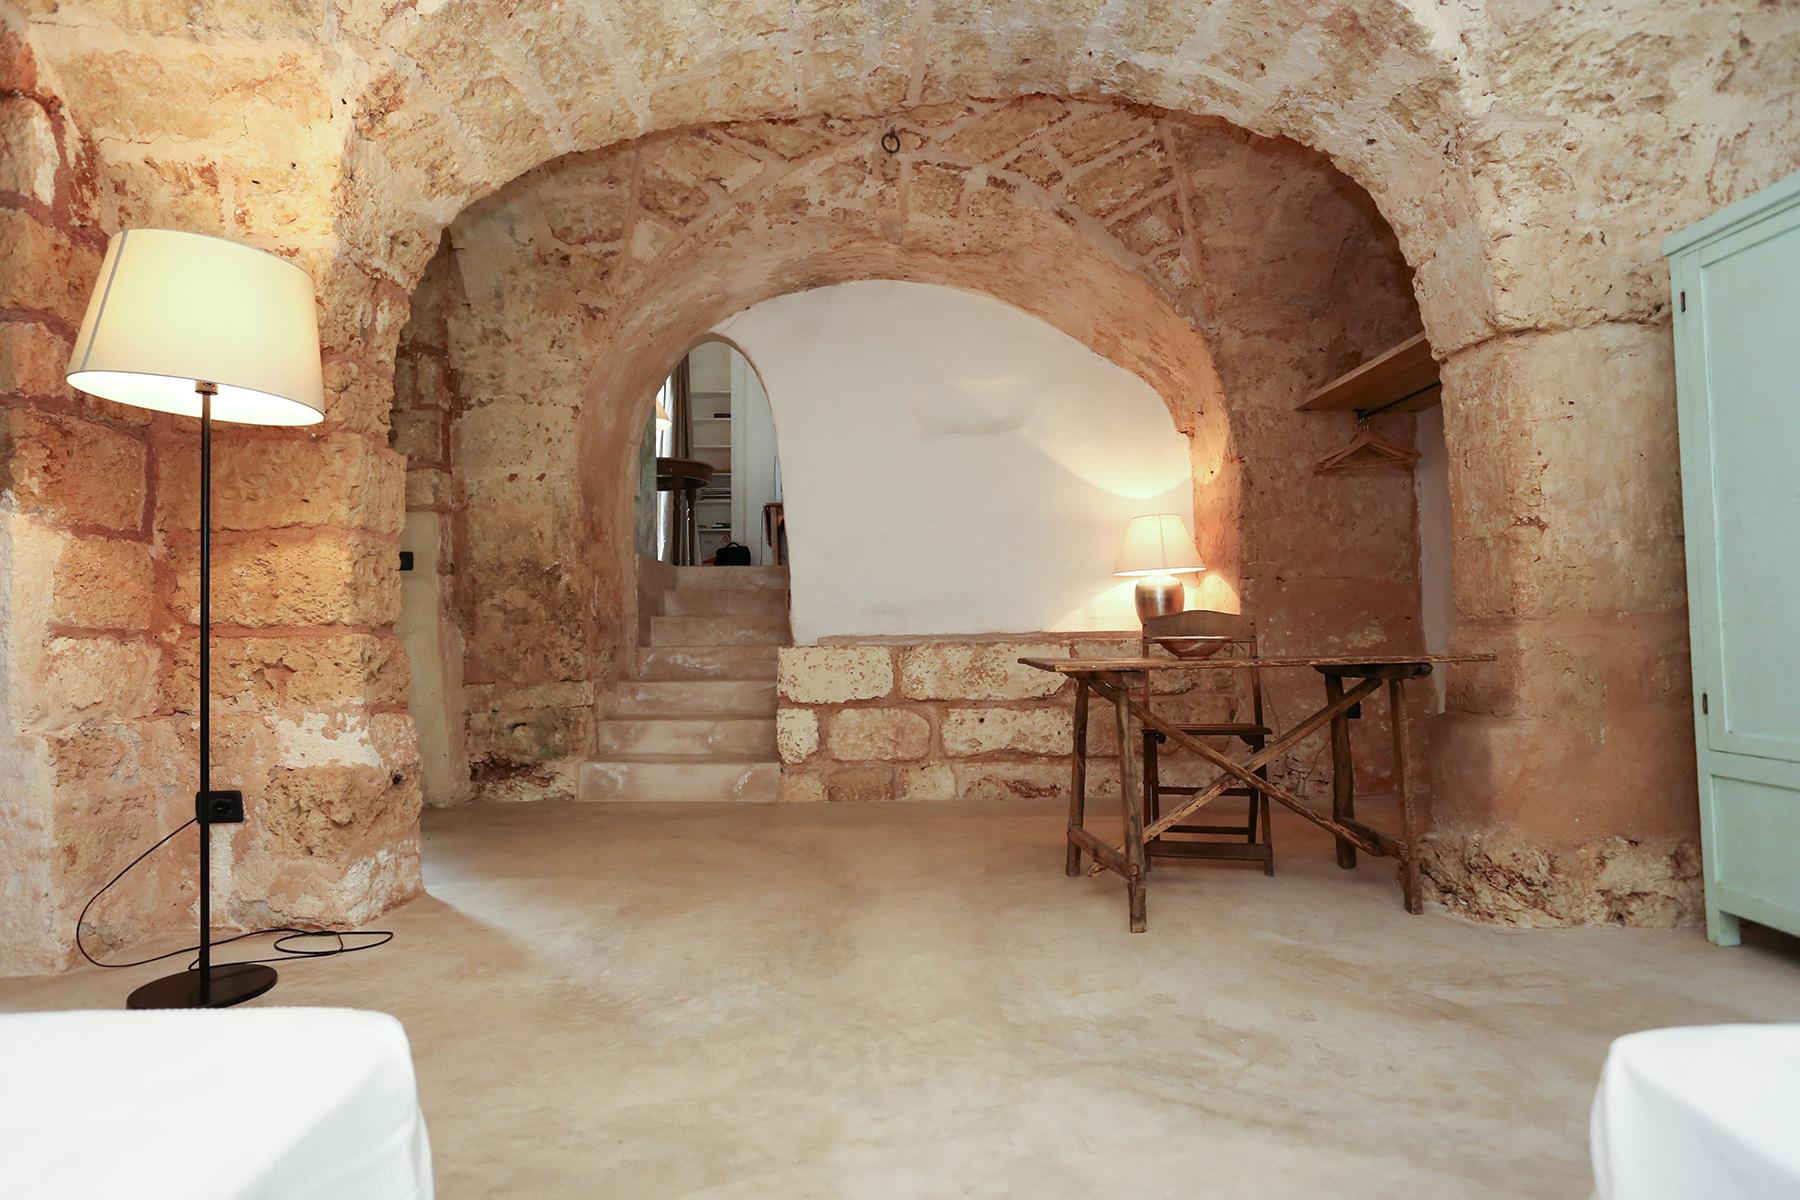 Casa indipendente in Vendita a Andrano: 5 locali, 180 mq